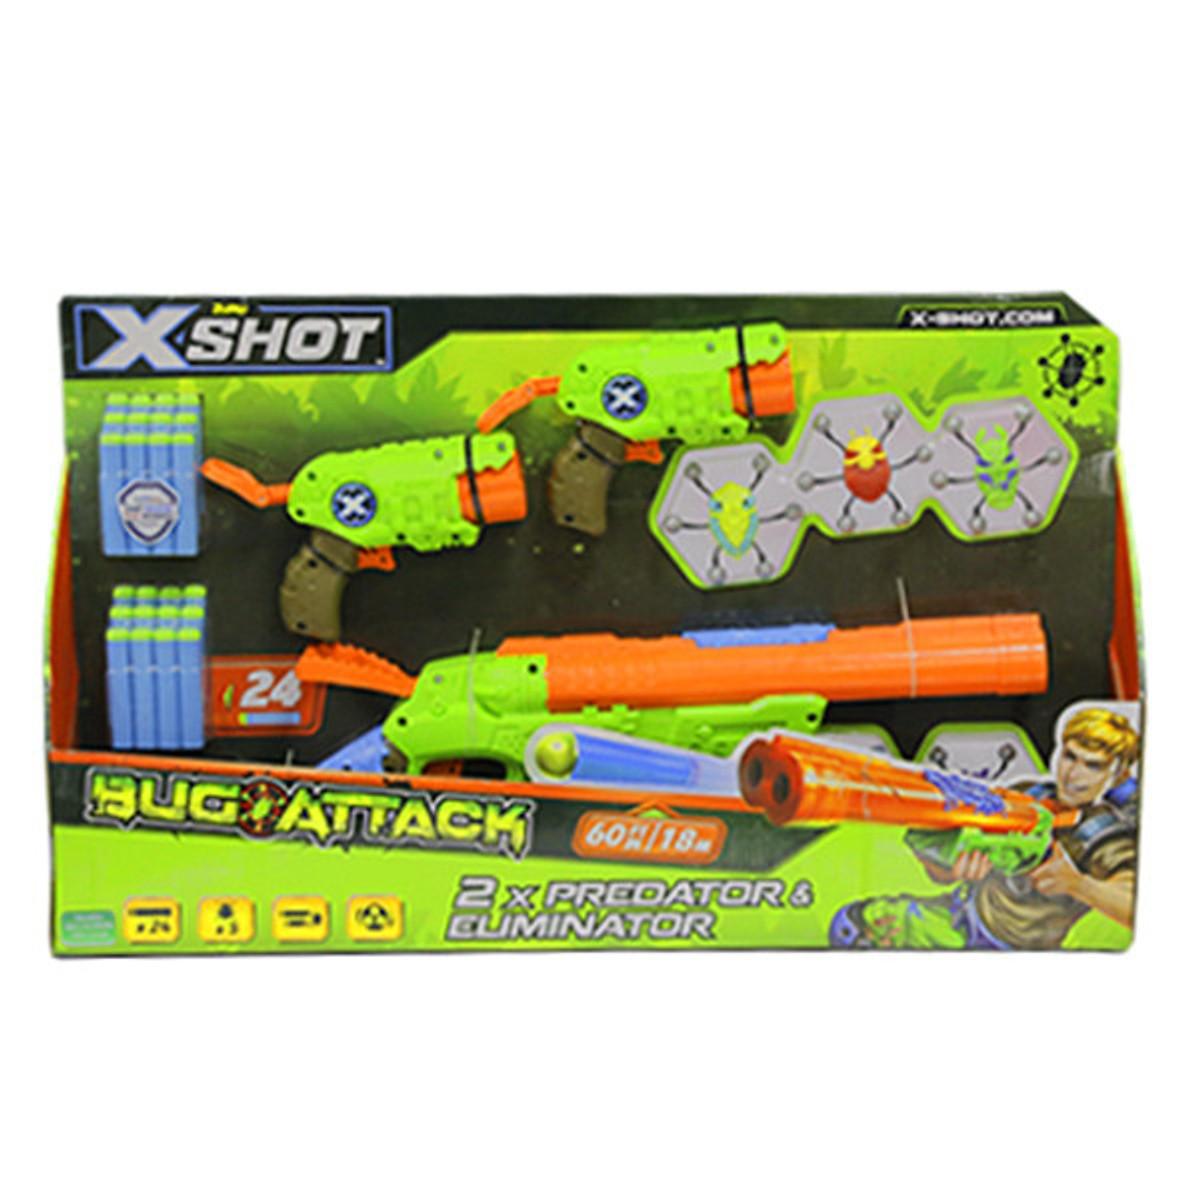 Mô Hình Sưu Tầm Chiến Binh Diệt Bọ X - Shot - 5 Bọ & 24 Phi Tiêu